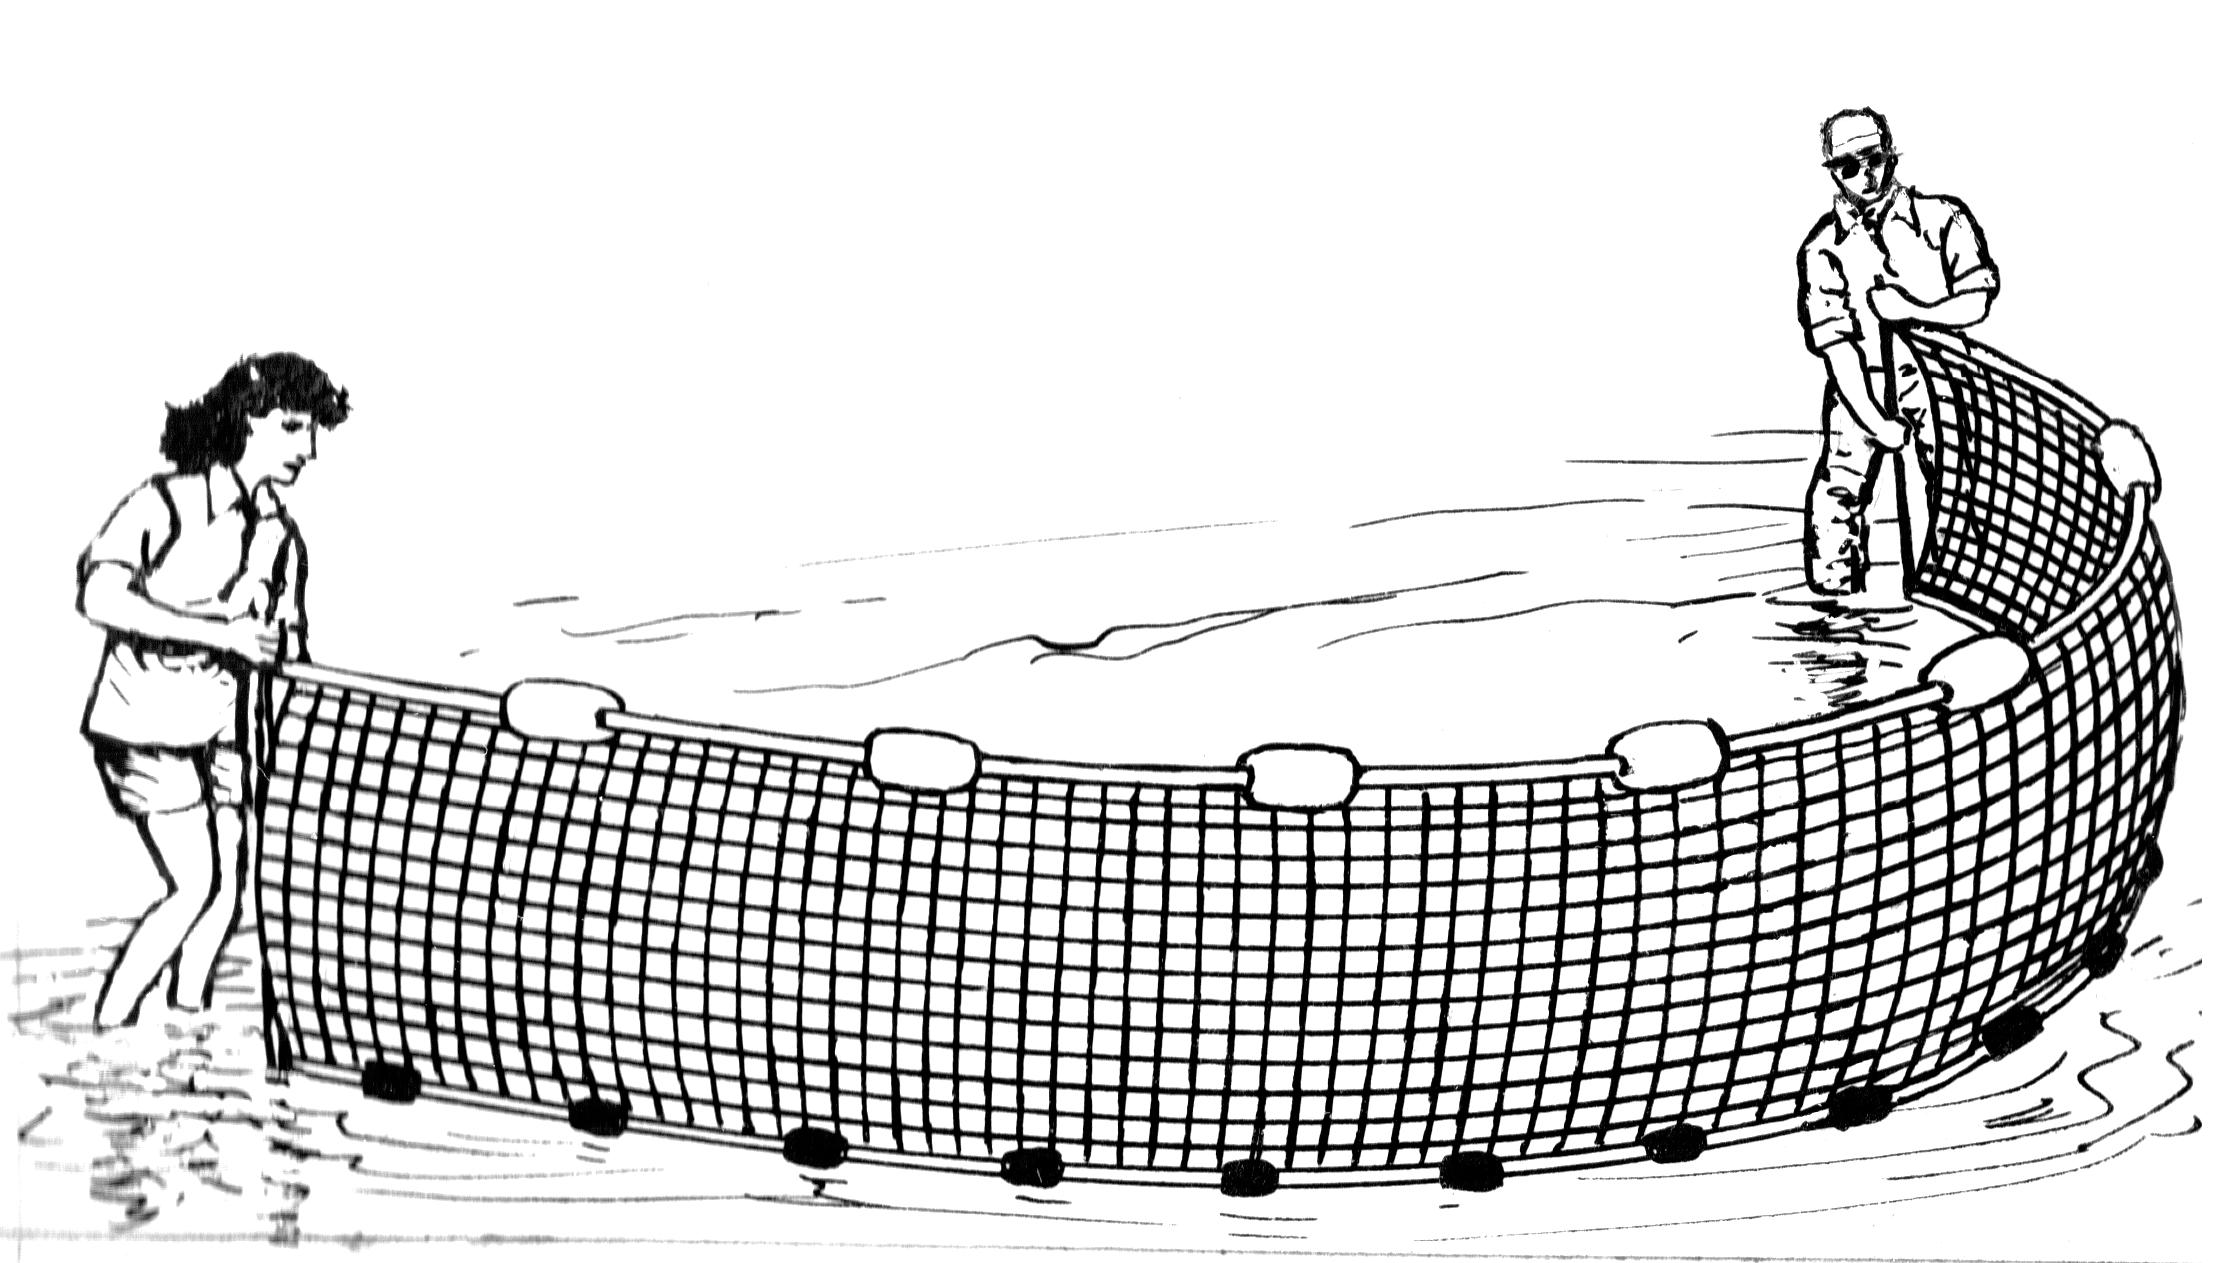 Rede De Pesca Flutuante Peixe Redes De Pesca Cabo Imagem Png E Psd Para Download Gratuito Free Clip Art Cartoon Clip Art Fish Clipart